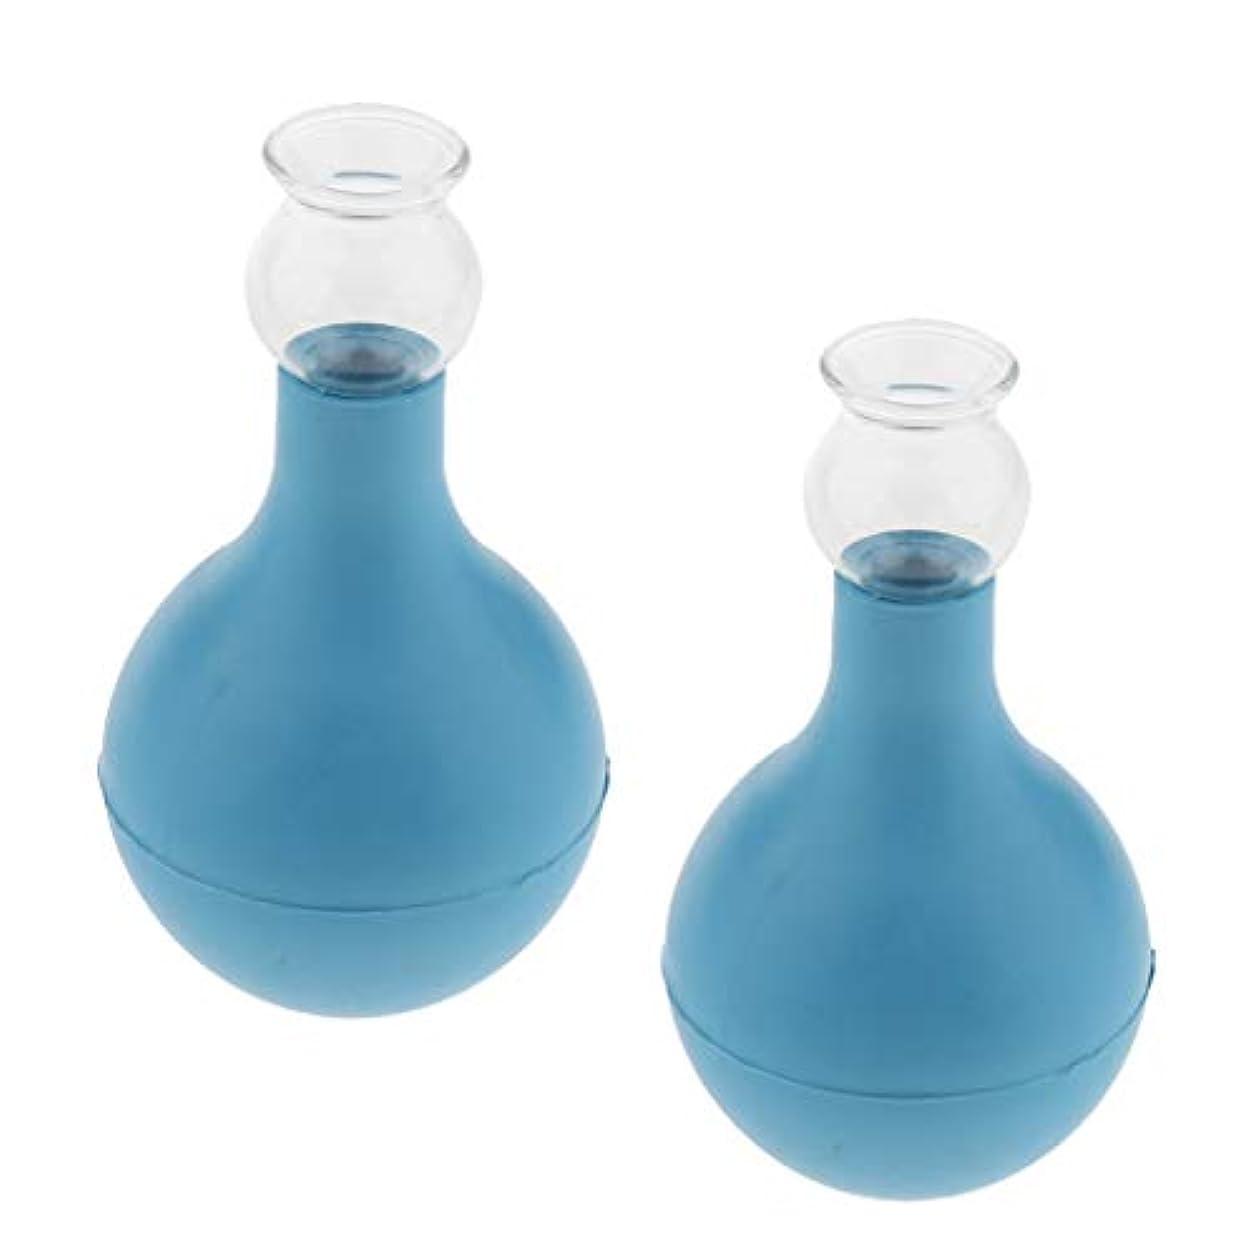 間違っている怖い火曜日5PCS安全なガラス吸引真空カッピング マッサージサロン ホーム - ブルー+ブルー2cm